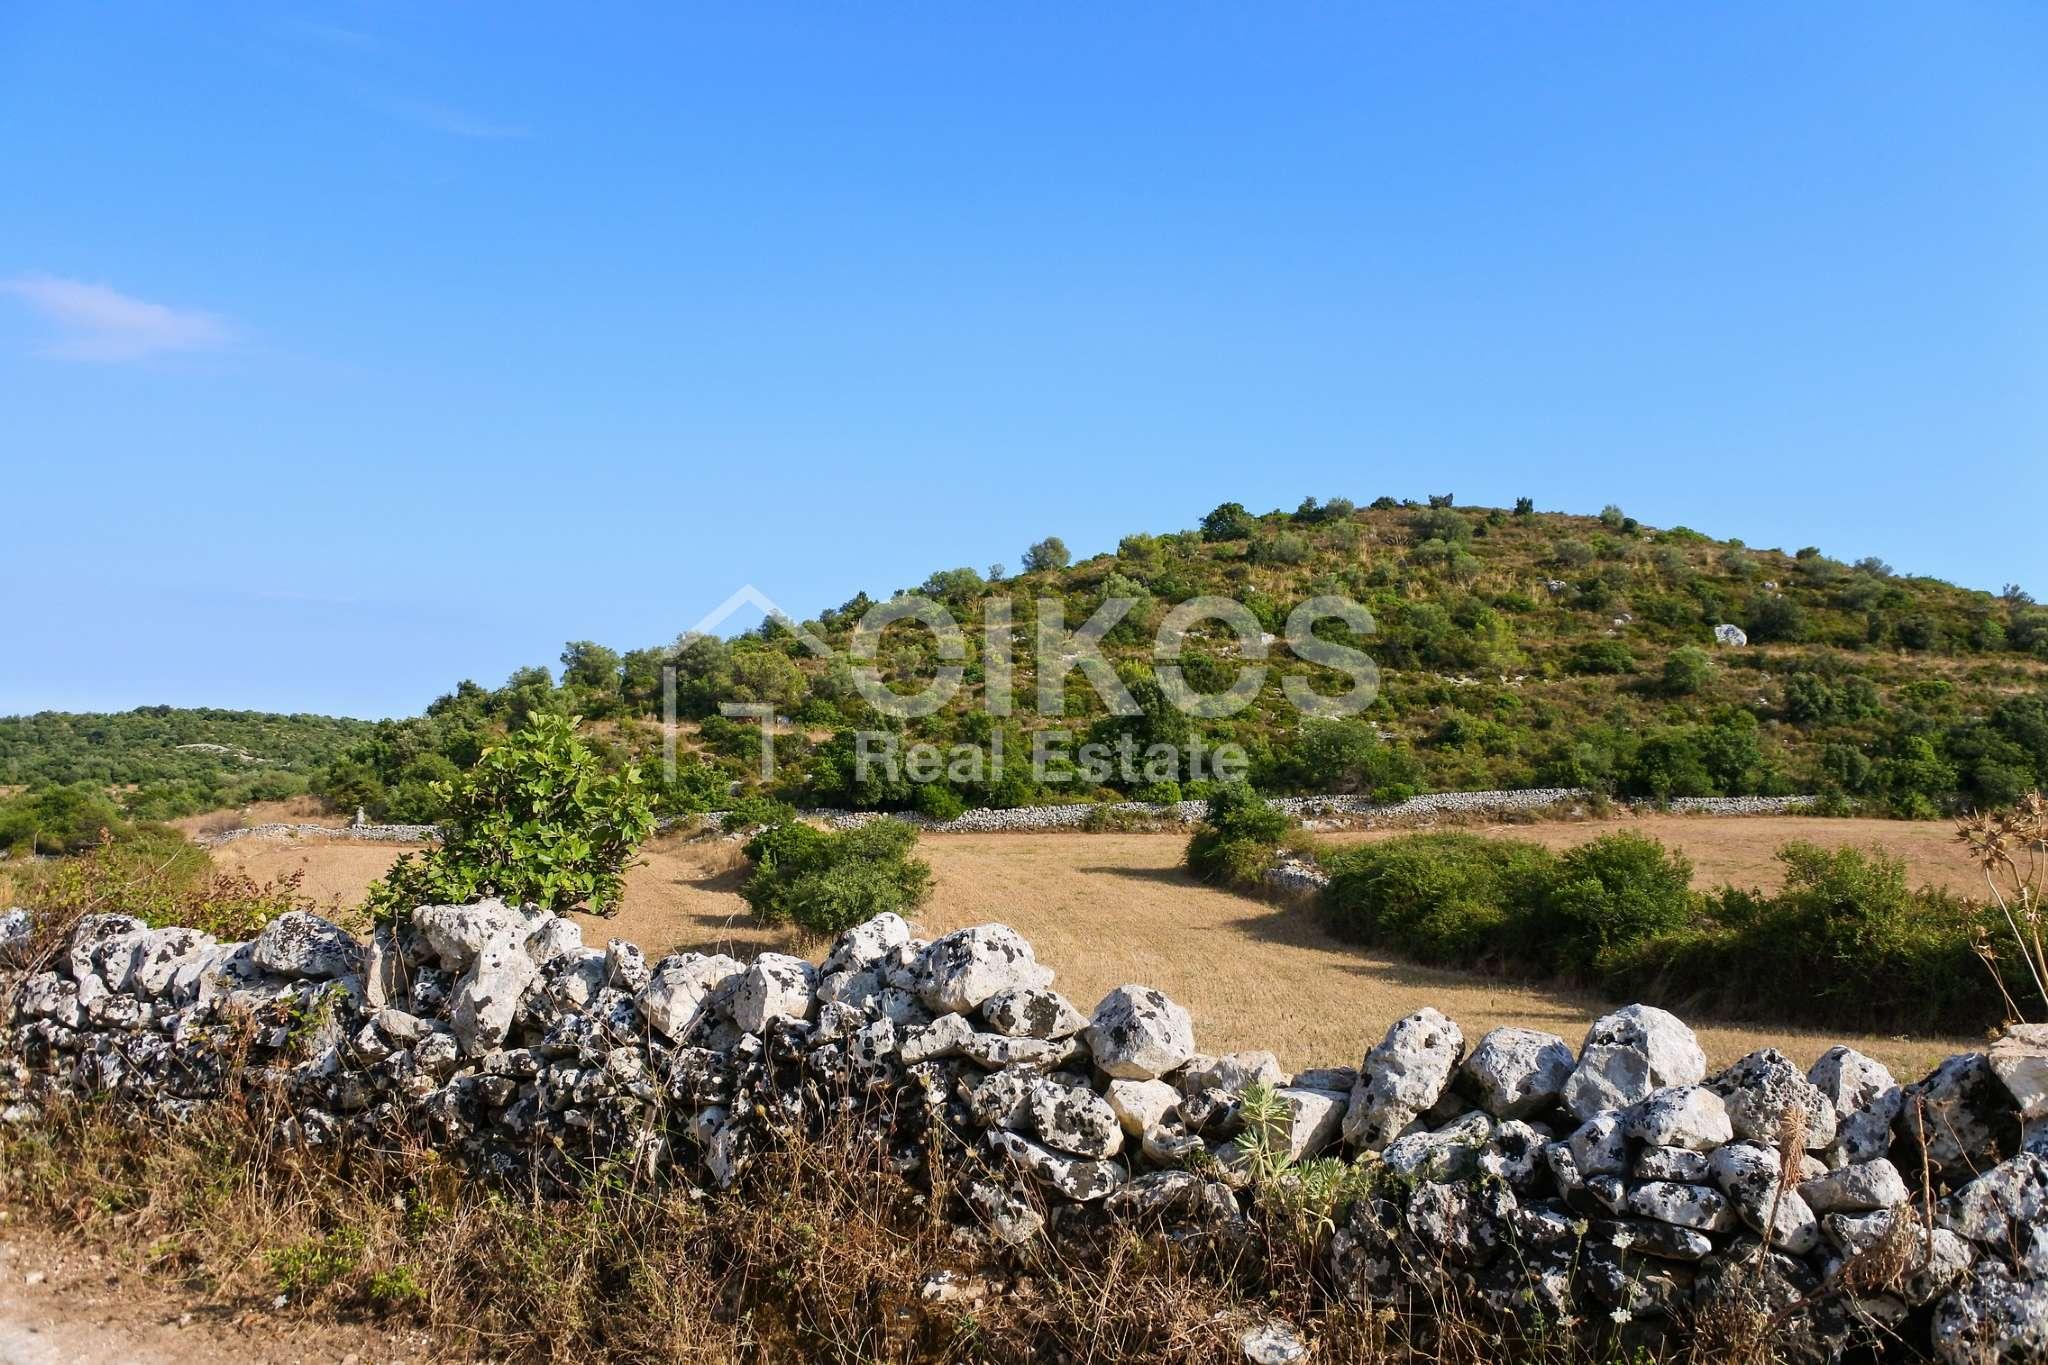 Terreno Agricolo in vendita a Noto, 3 locali, prezzo € 50.000   CambioCasa.it